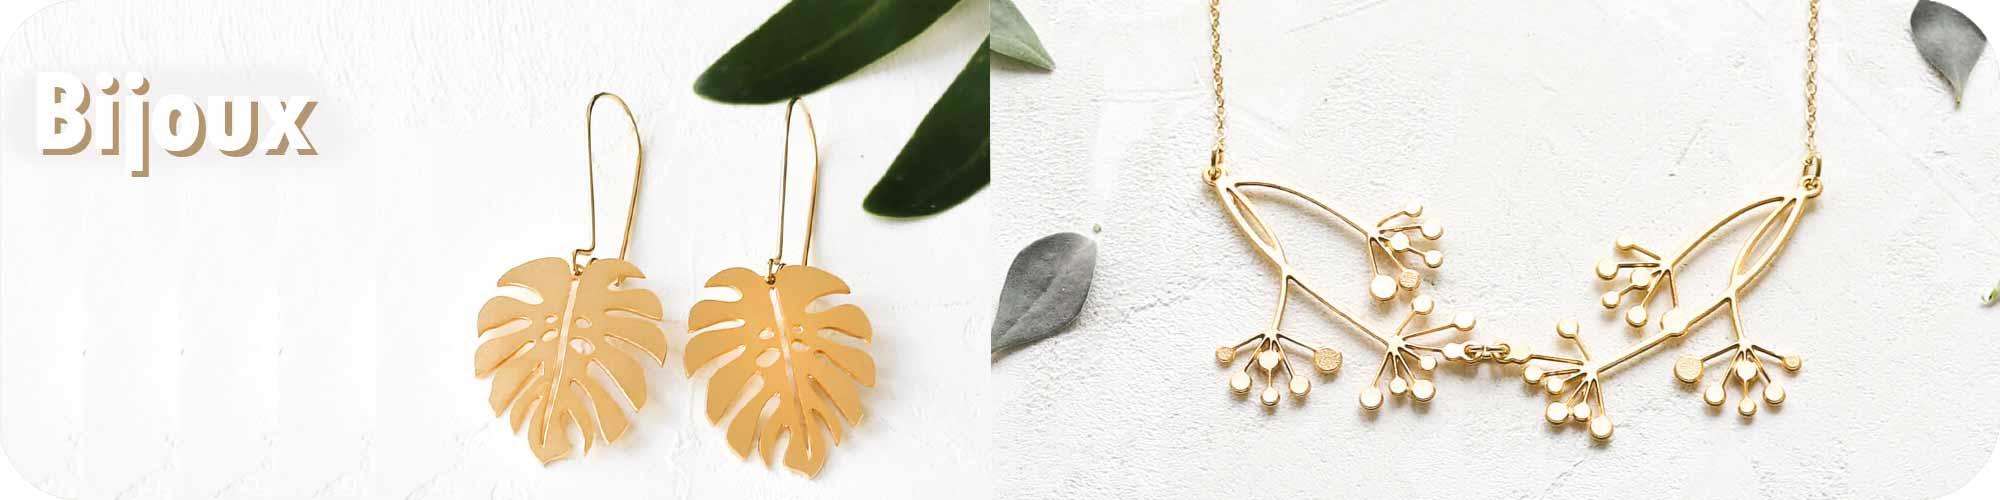 sélection cadeaux bijoux